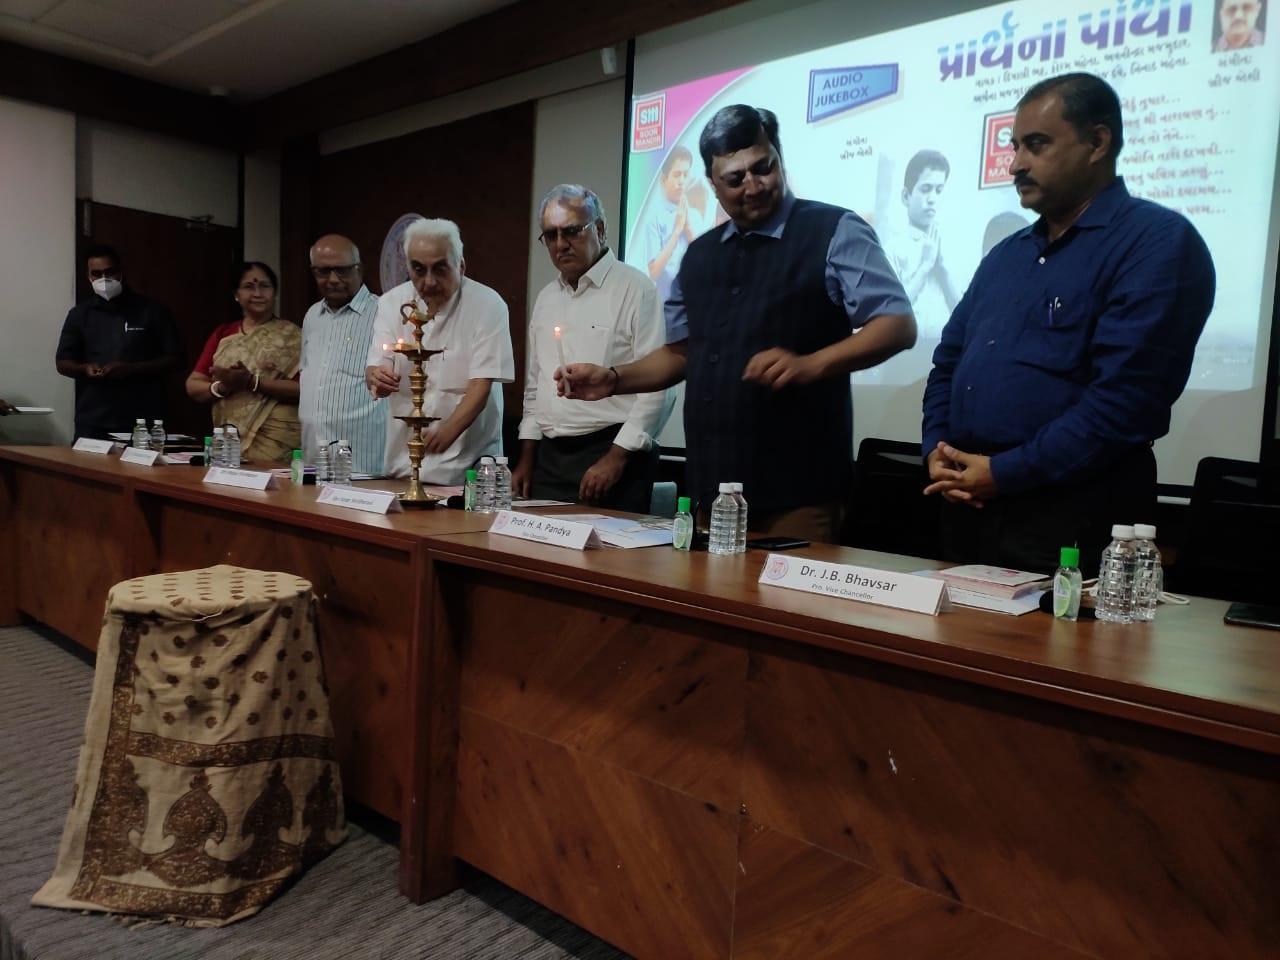 ગુજરાત યુનિવર્સીટી દ્વારા કૃષ્ણલાલ શ્રીધરાણીની ચેર શરુ કરવામાં આવી